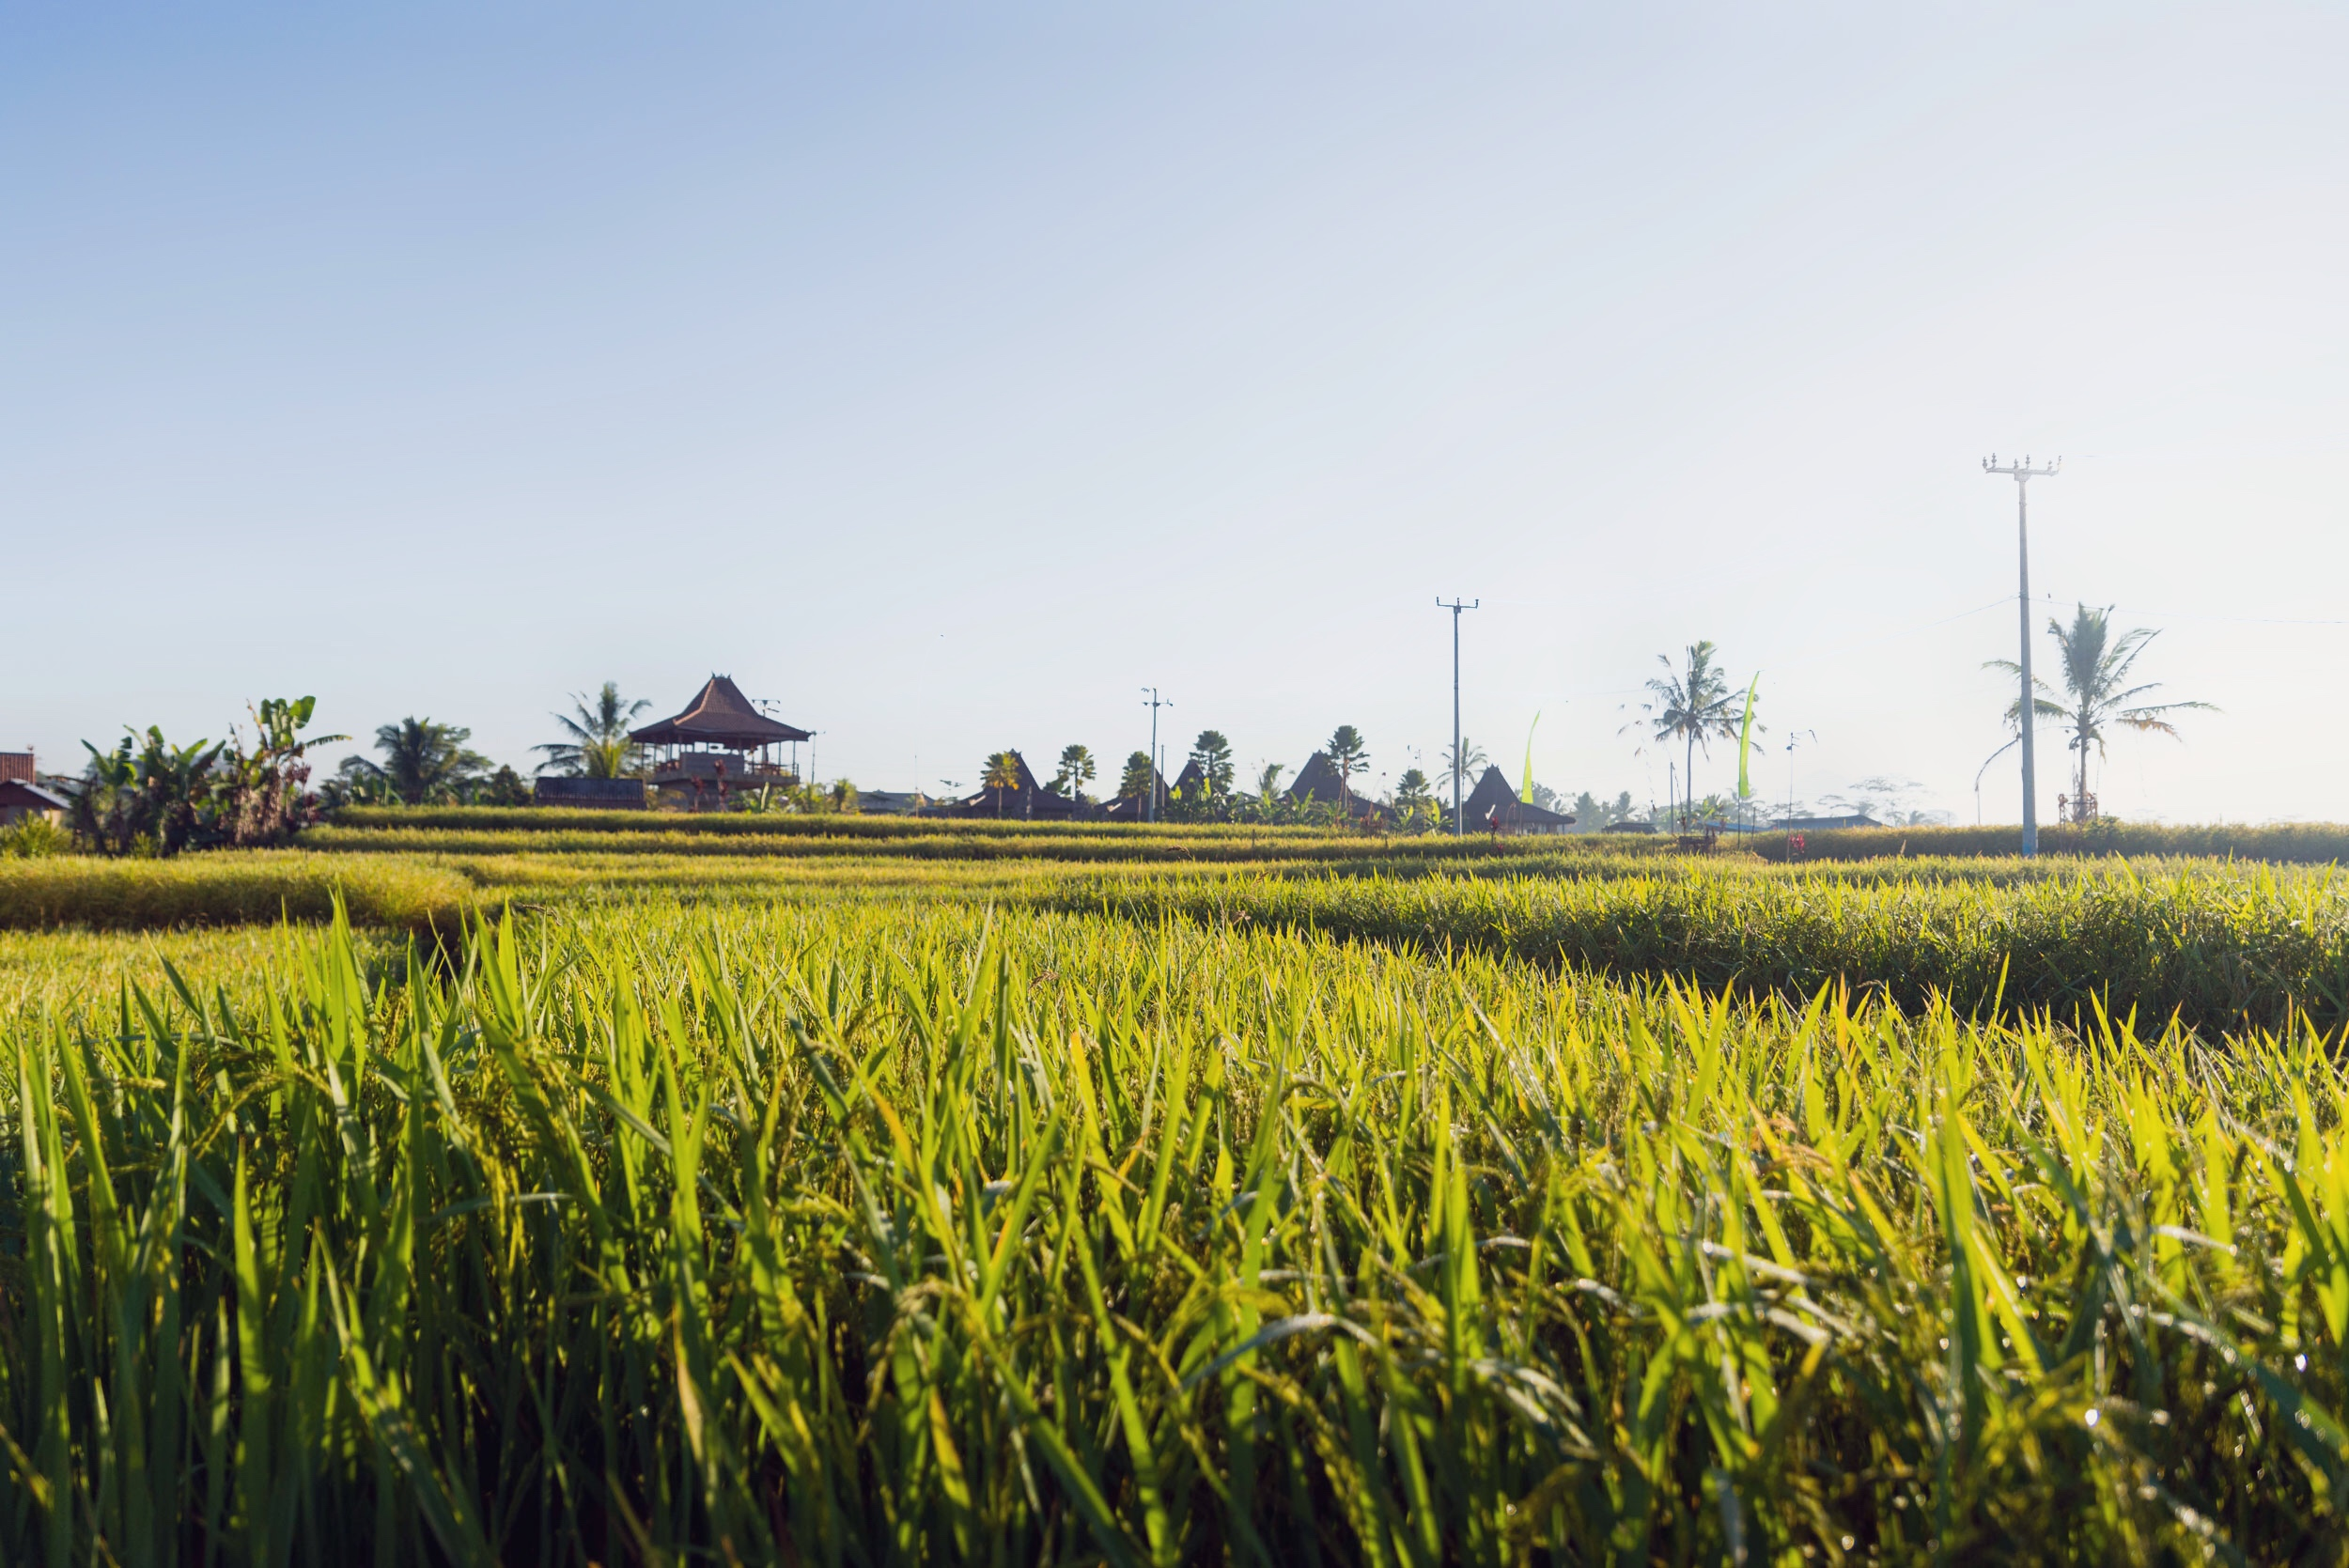 Rice fields outside of Nau Villas, Ubud, in Bali